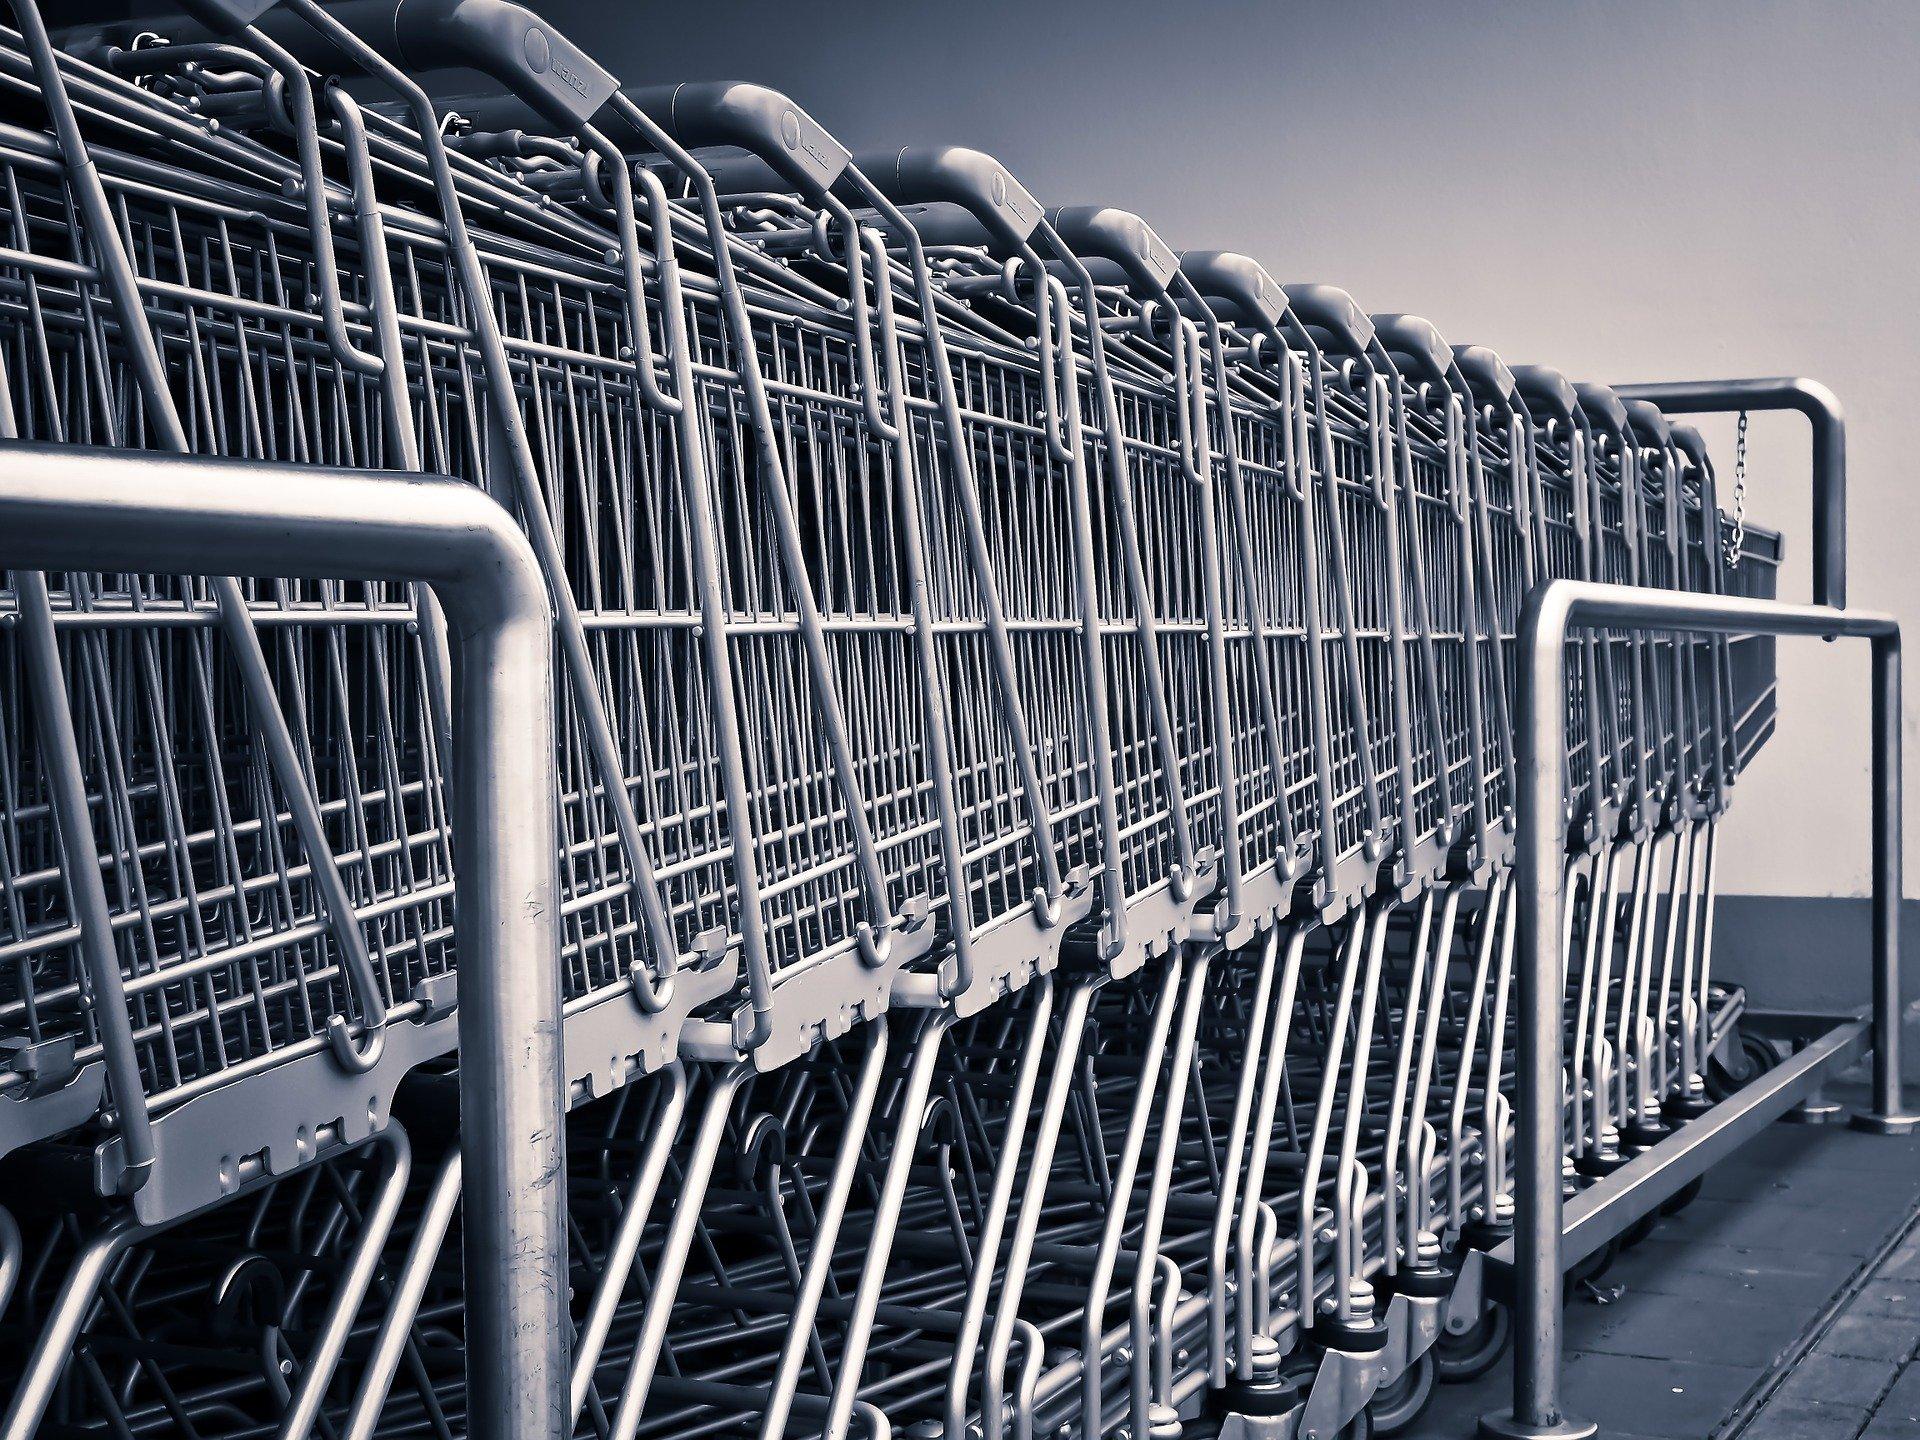 Indkøbsvogne ved supermarked